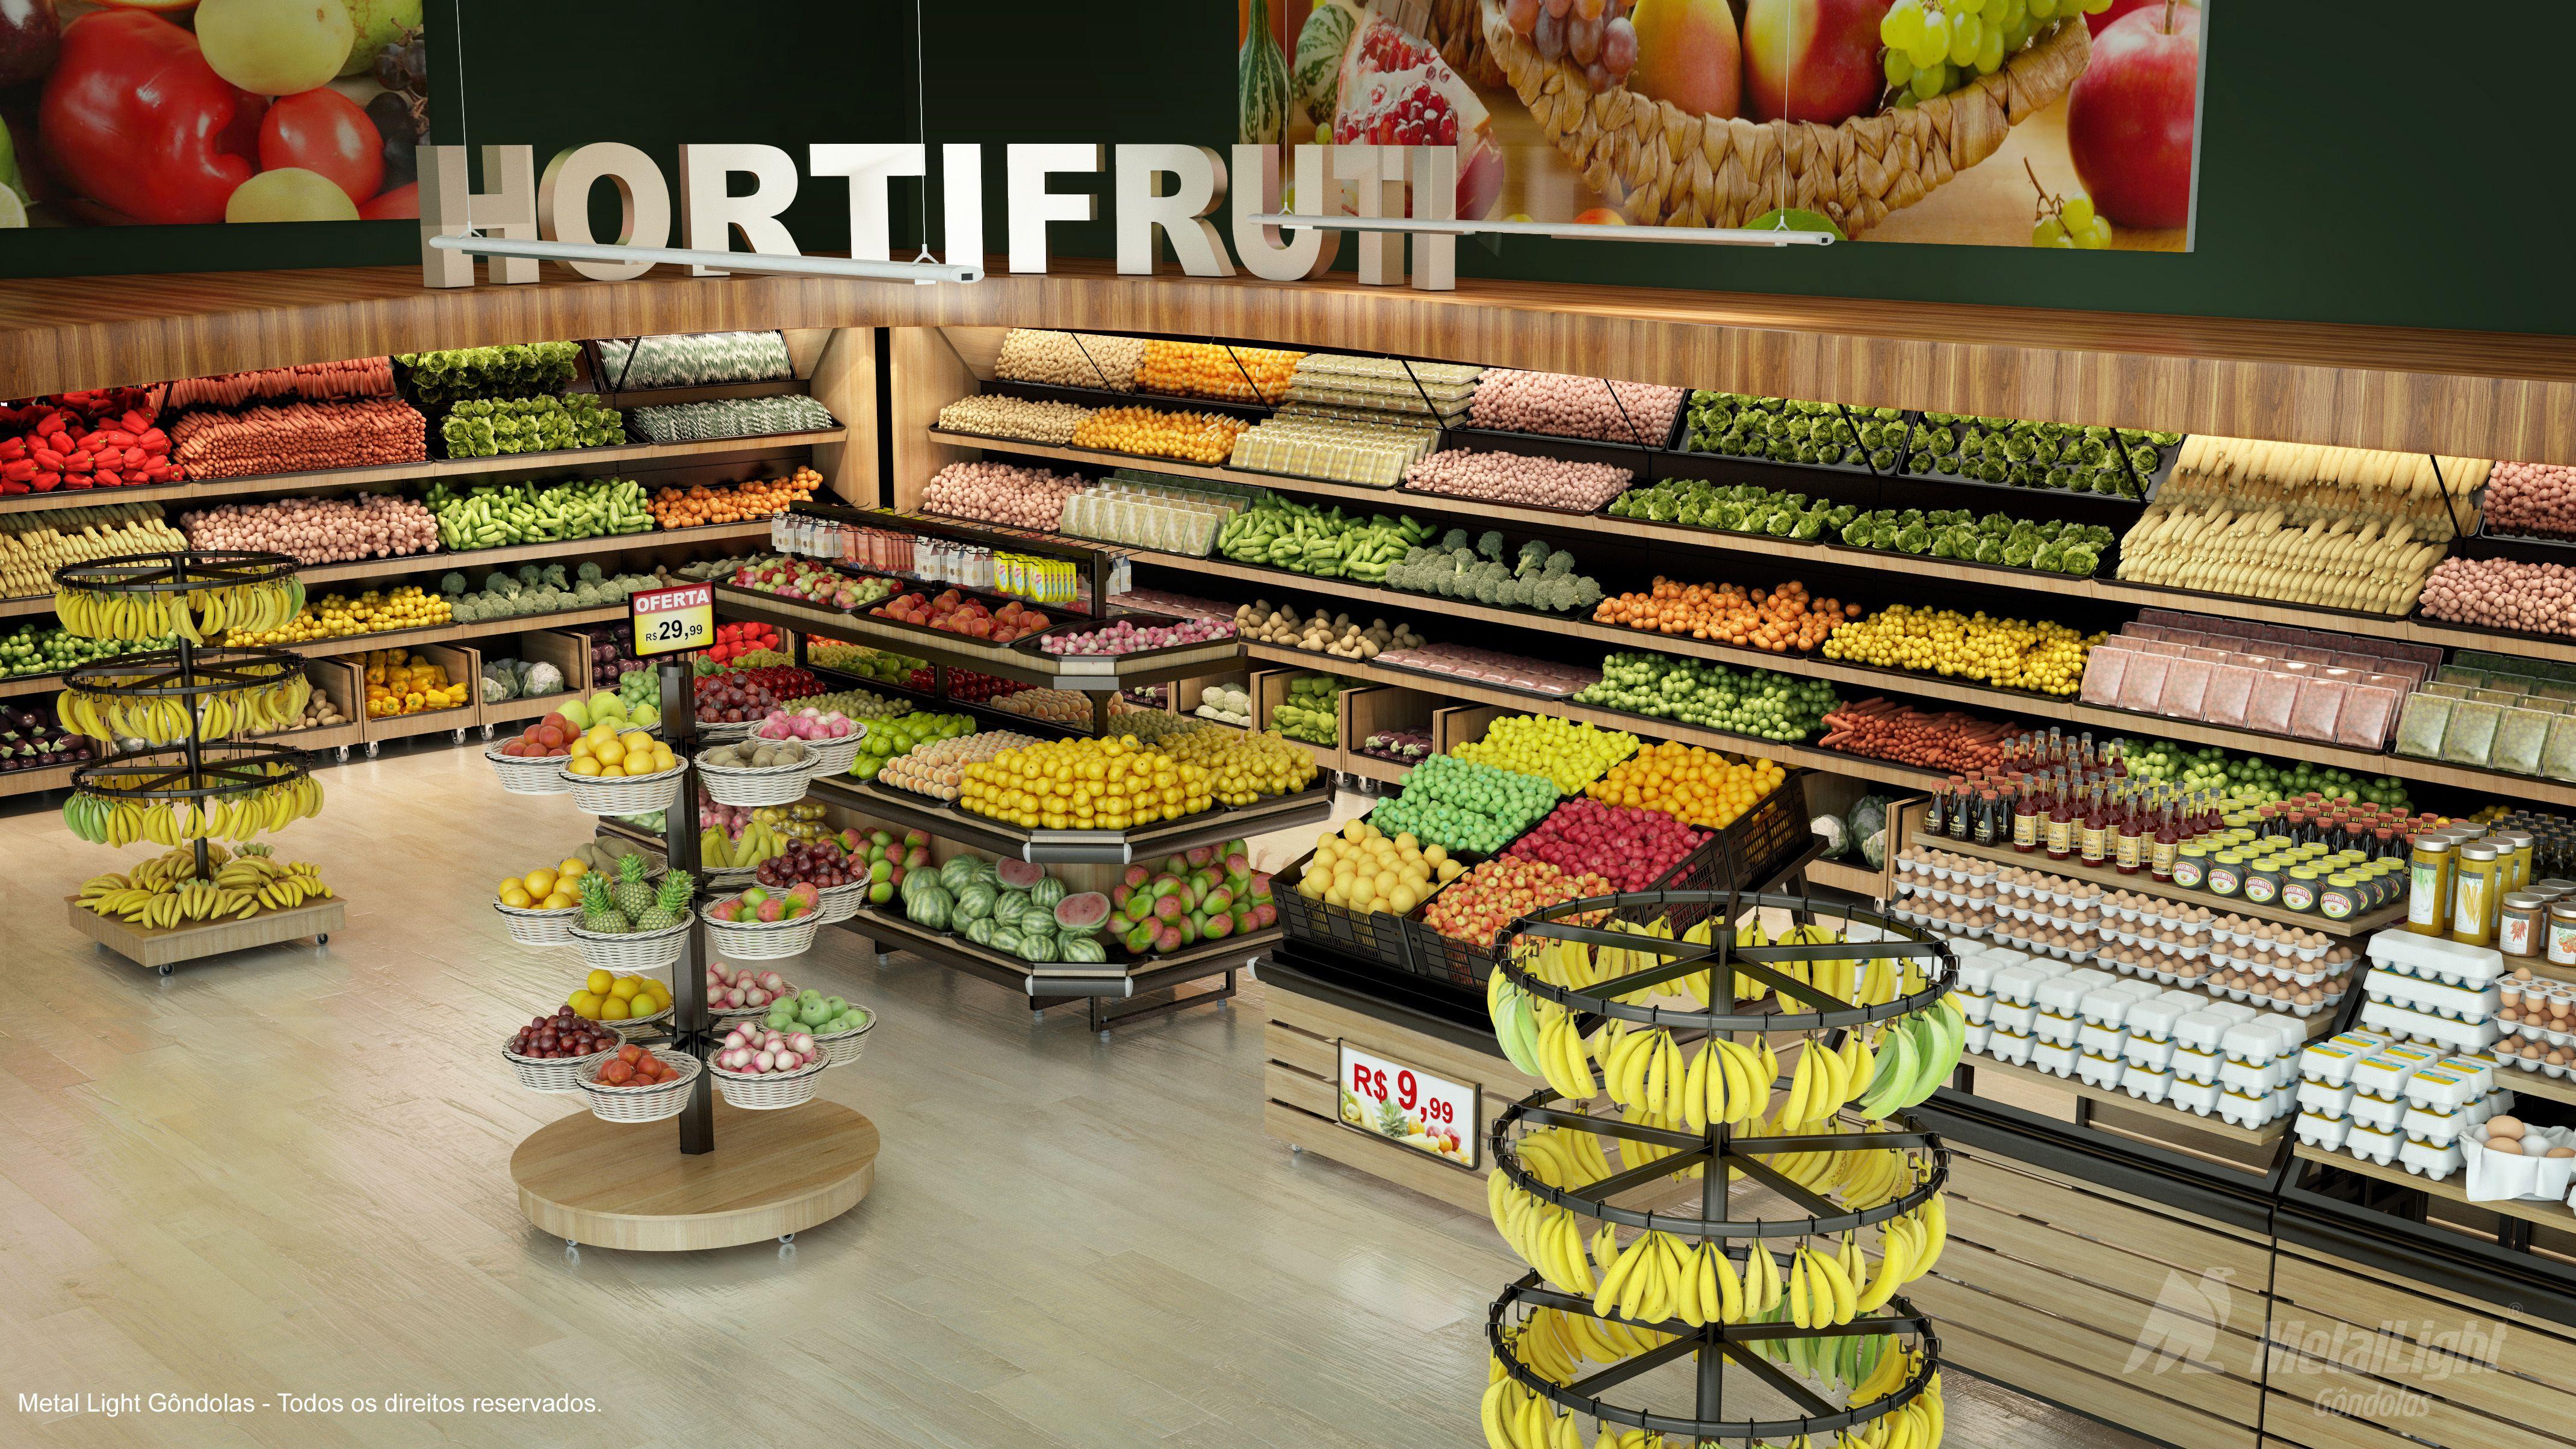 9d80d35a3 Gôndolas, Bancas e Vascas para supermercados e hipermercados / expositores  para hortifruti / frutas e verduras / expositores em aço e madeira.